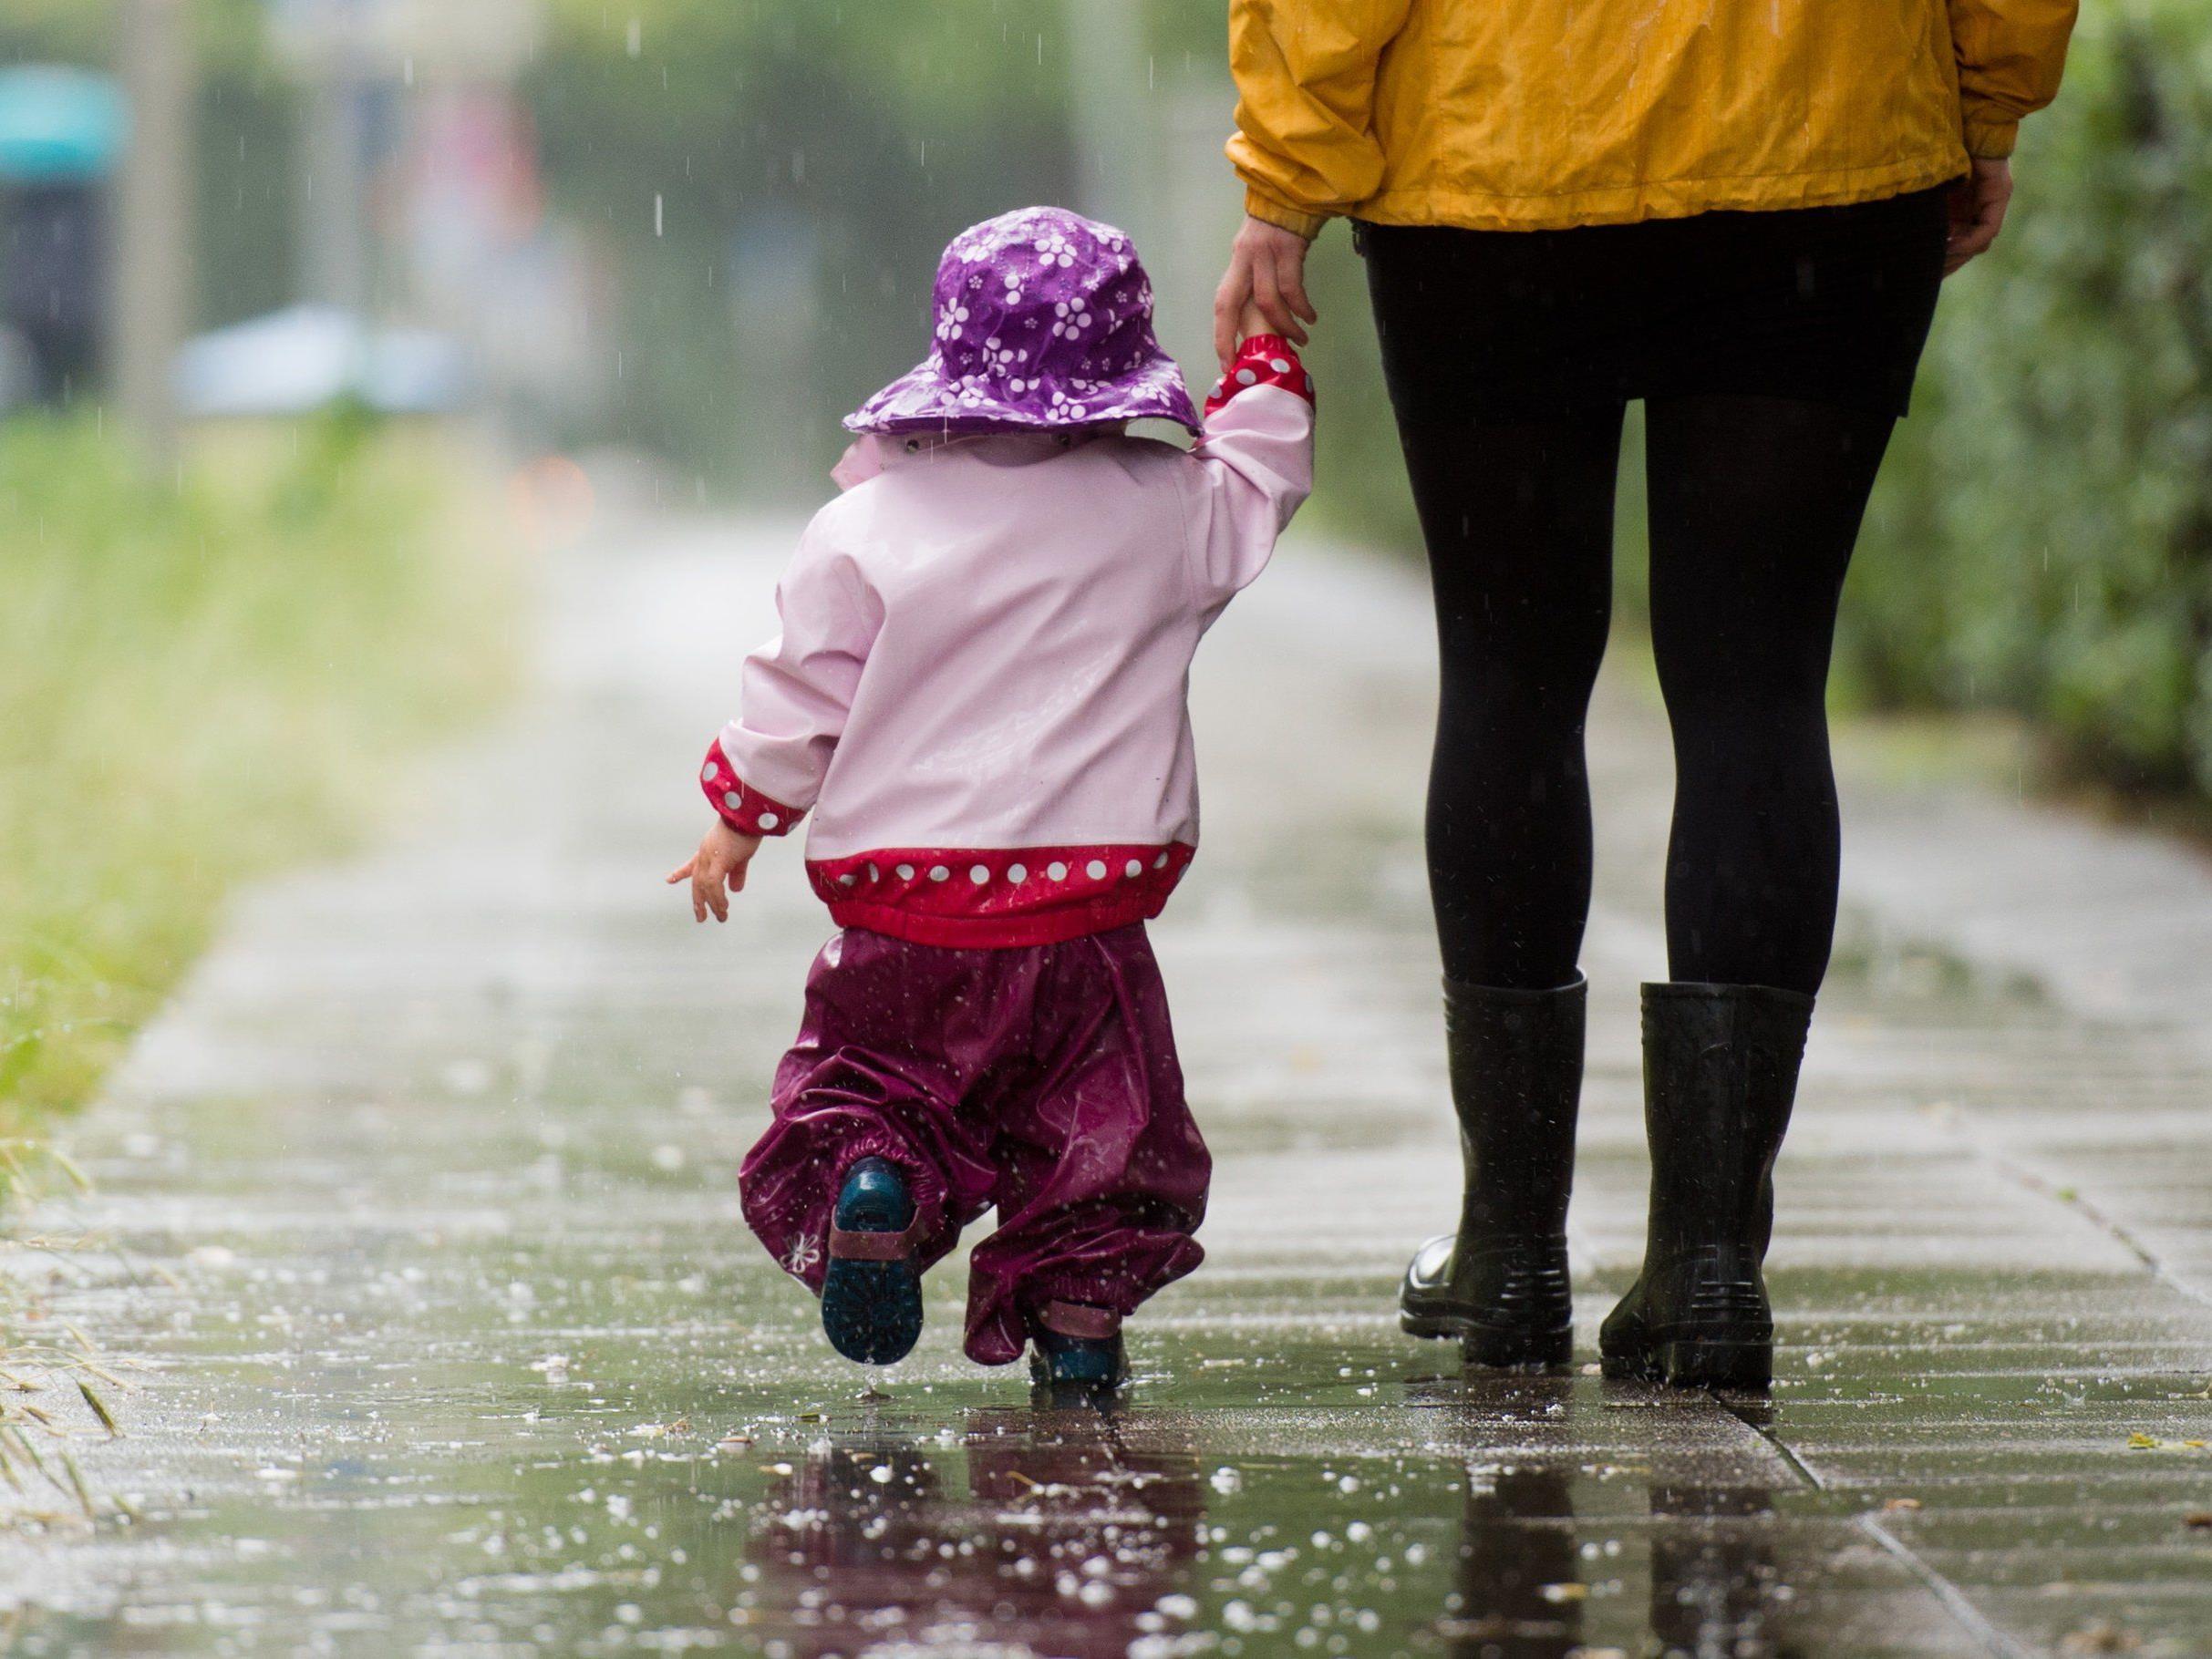 Sommermonat Juli bricht in Sachen Regenmenge Rekorde - zumindest in Fraxern.